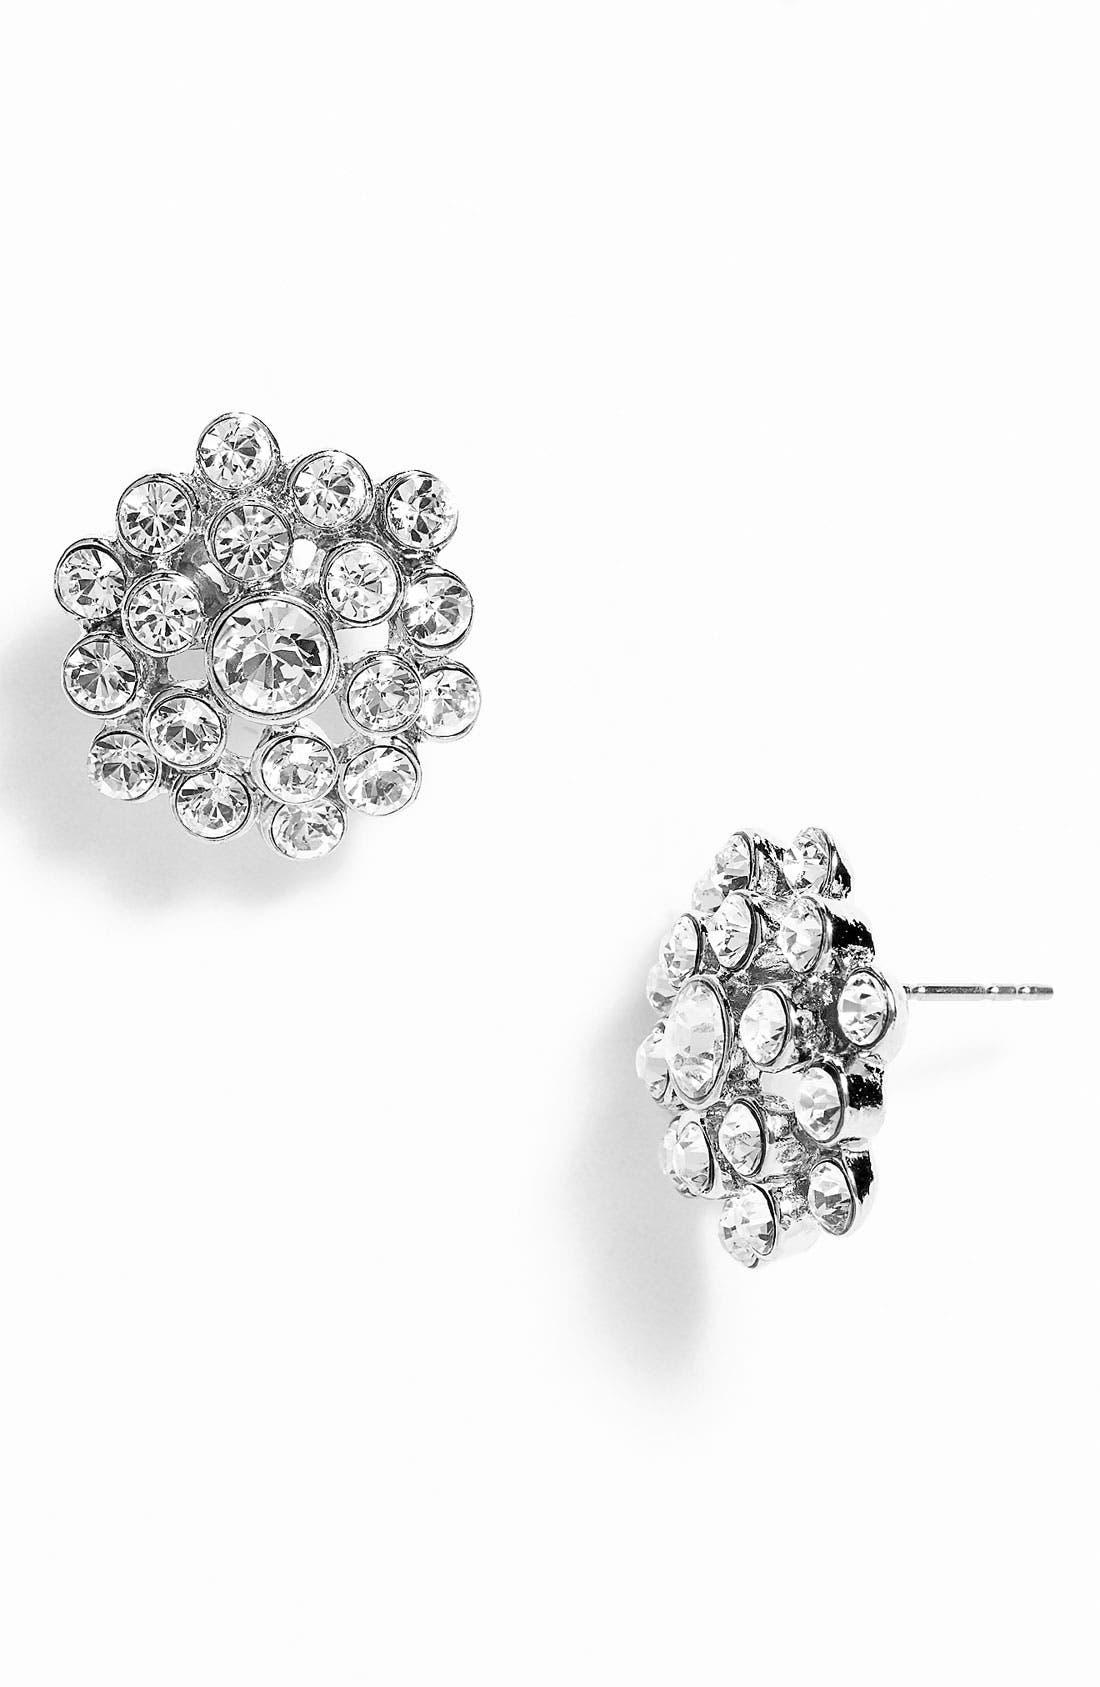 Main Image - Nina 'Marseill' Round Cluster Stud Earrings